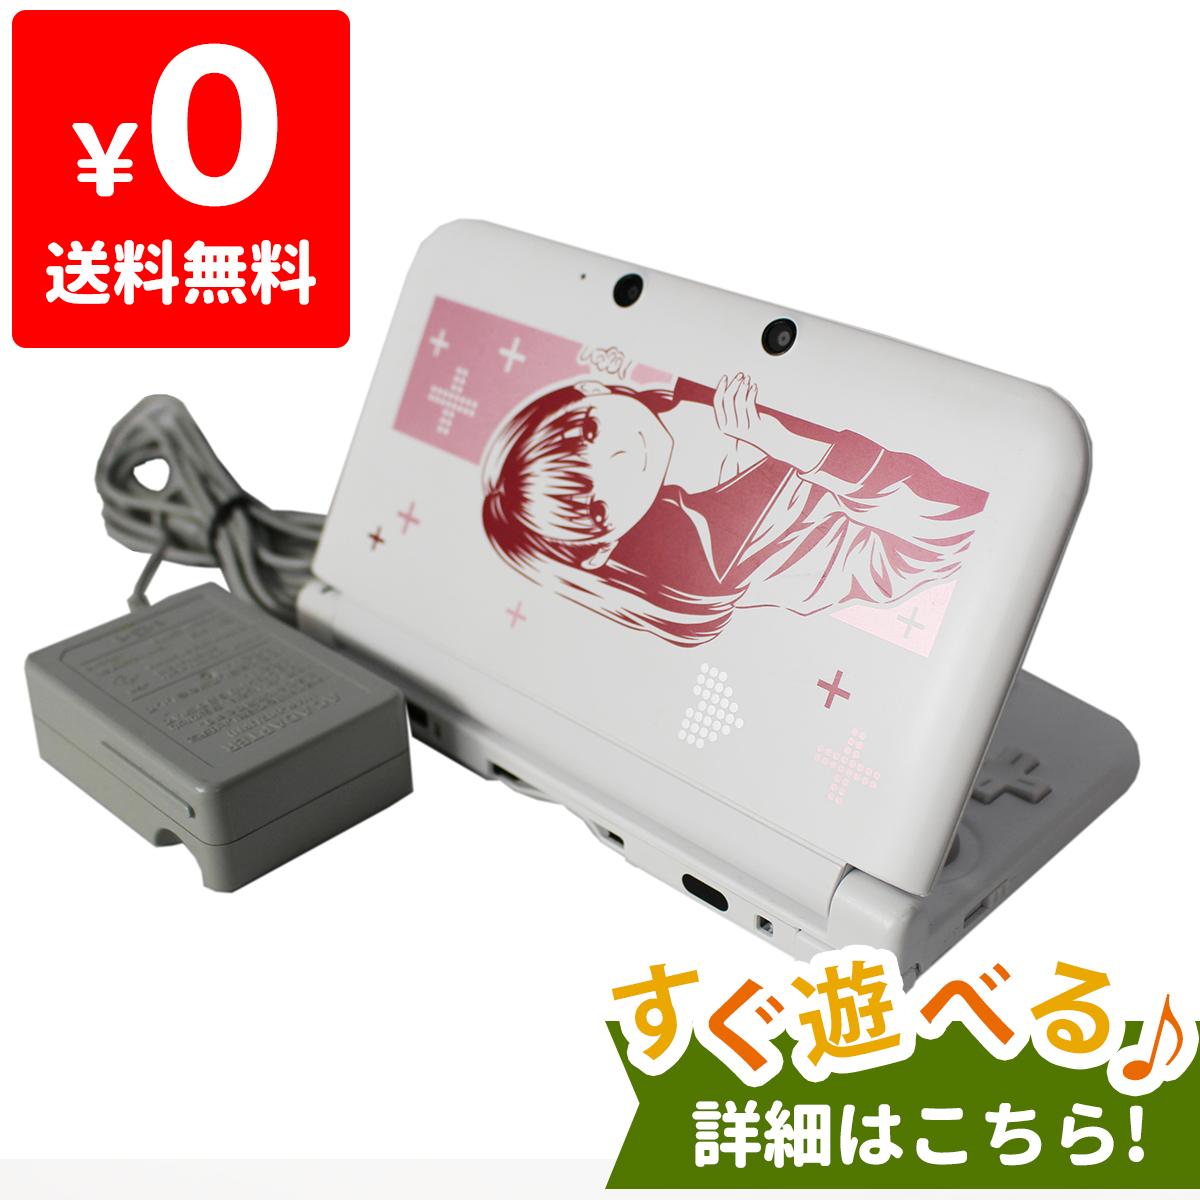 3DSLL NEWラブプラス+ ネネデラックスコンプリートセット (ニンテンドー3DS LL同梱) 本体 すぐ遊べるセット Nintendo 任天堂 ニンテンドー 中古 4988602166392 送料無料 【中古】